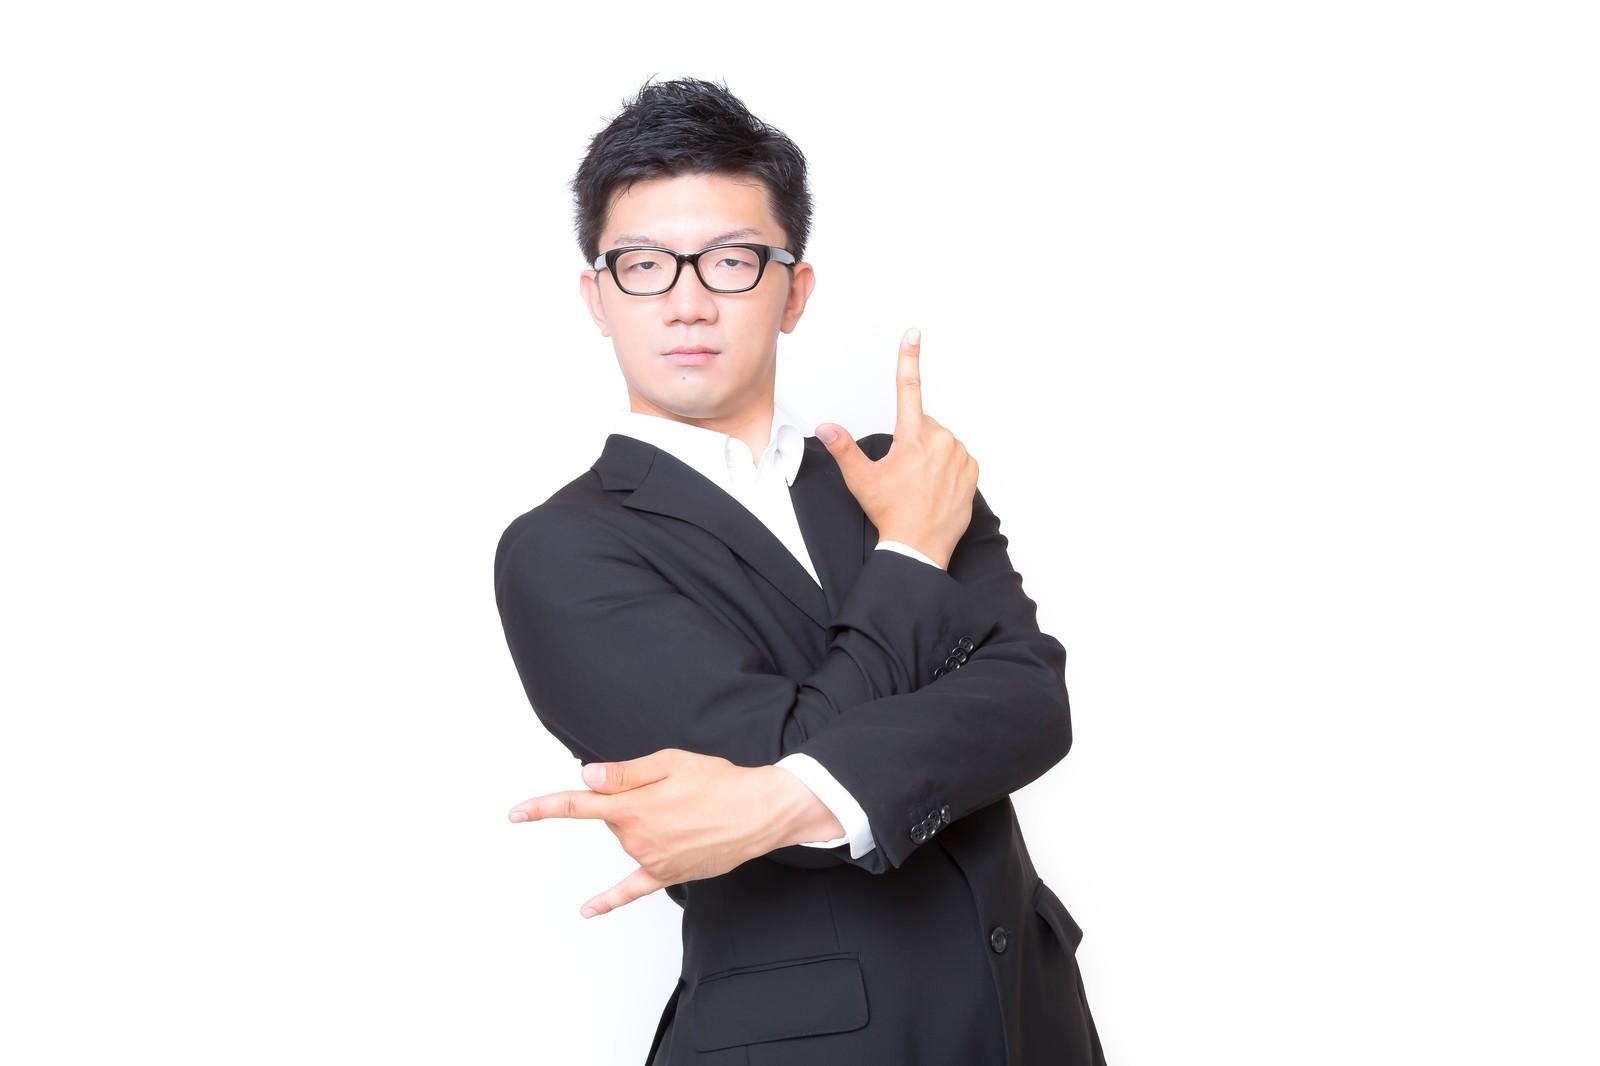 大岩亭のラーメンがすごすぎる!愛知県安城市のおすすめグルメ情報